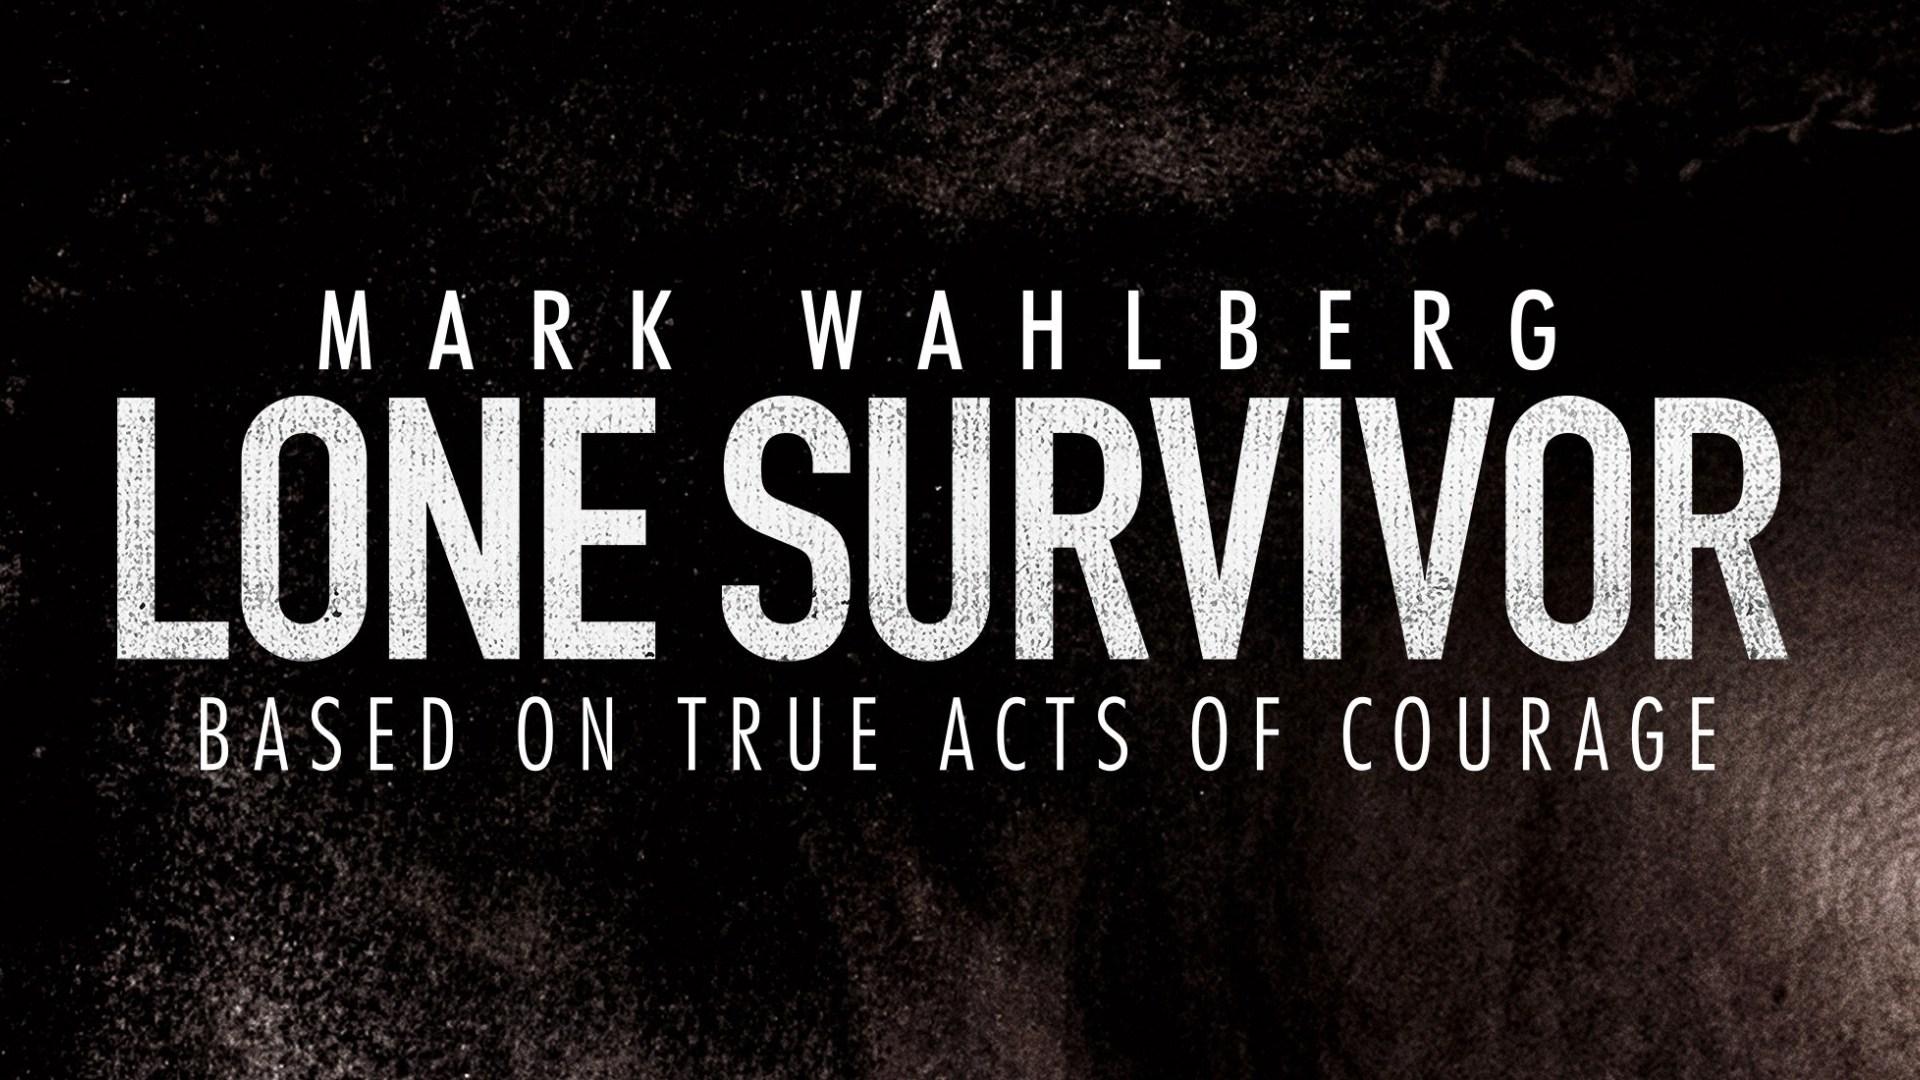 Lone Survivor wallpaper 2